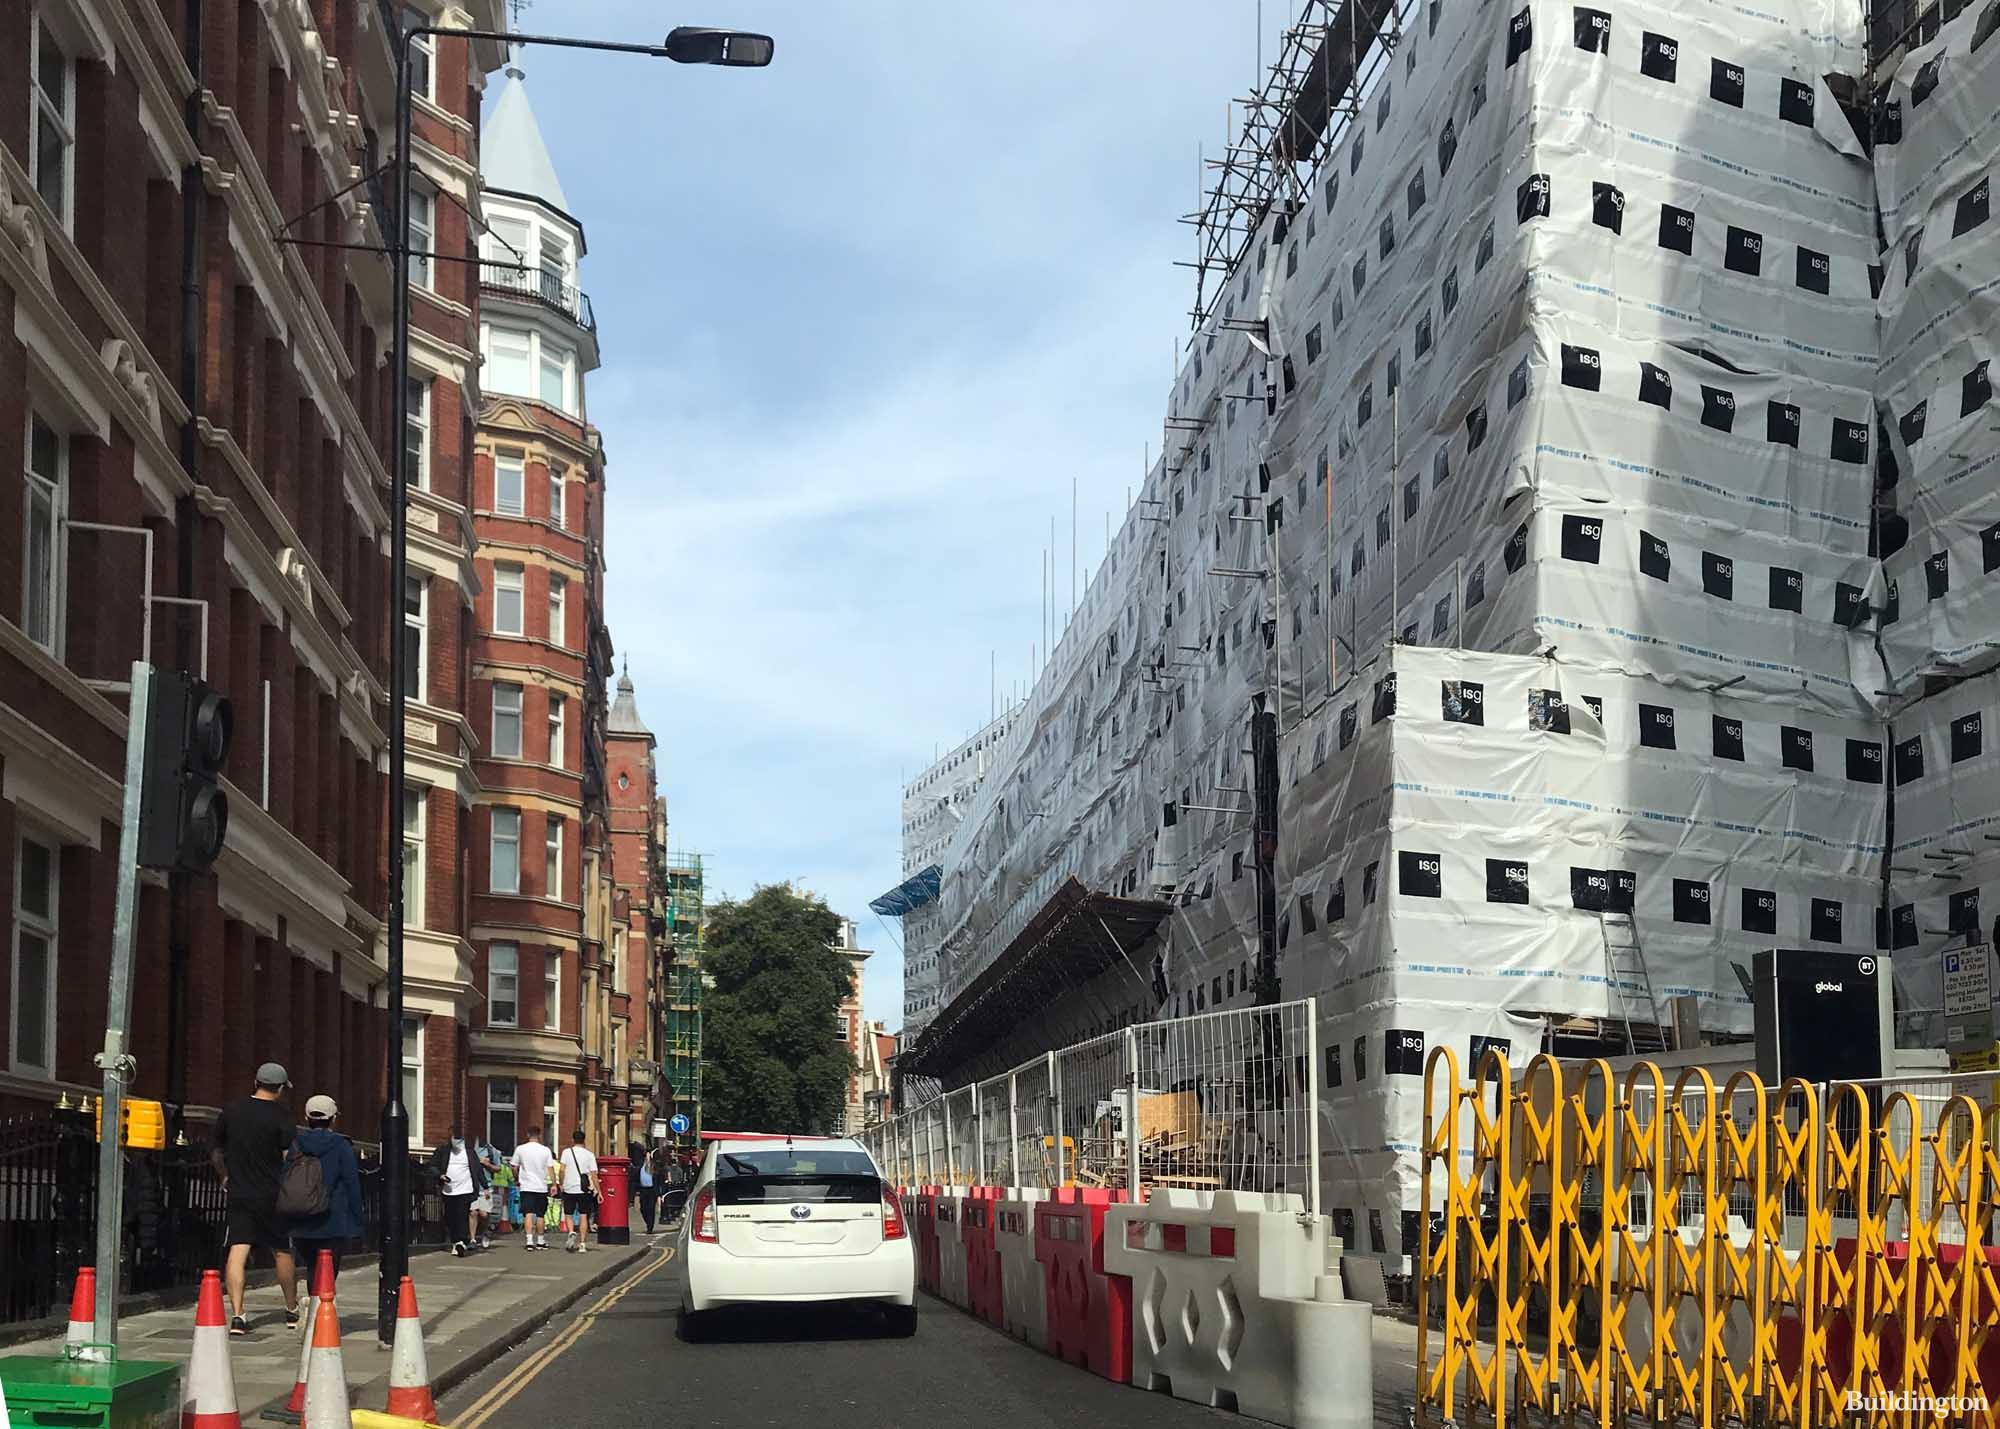 The Kensington Building under construction.